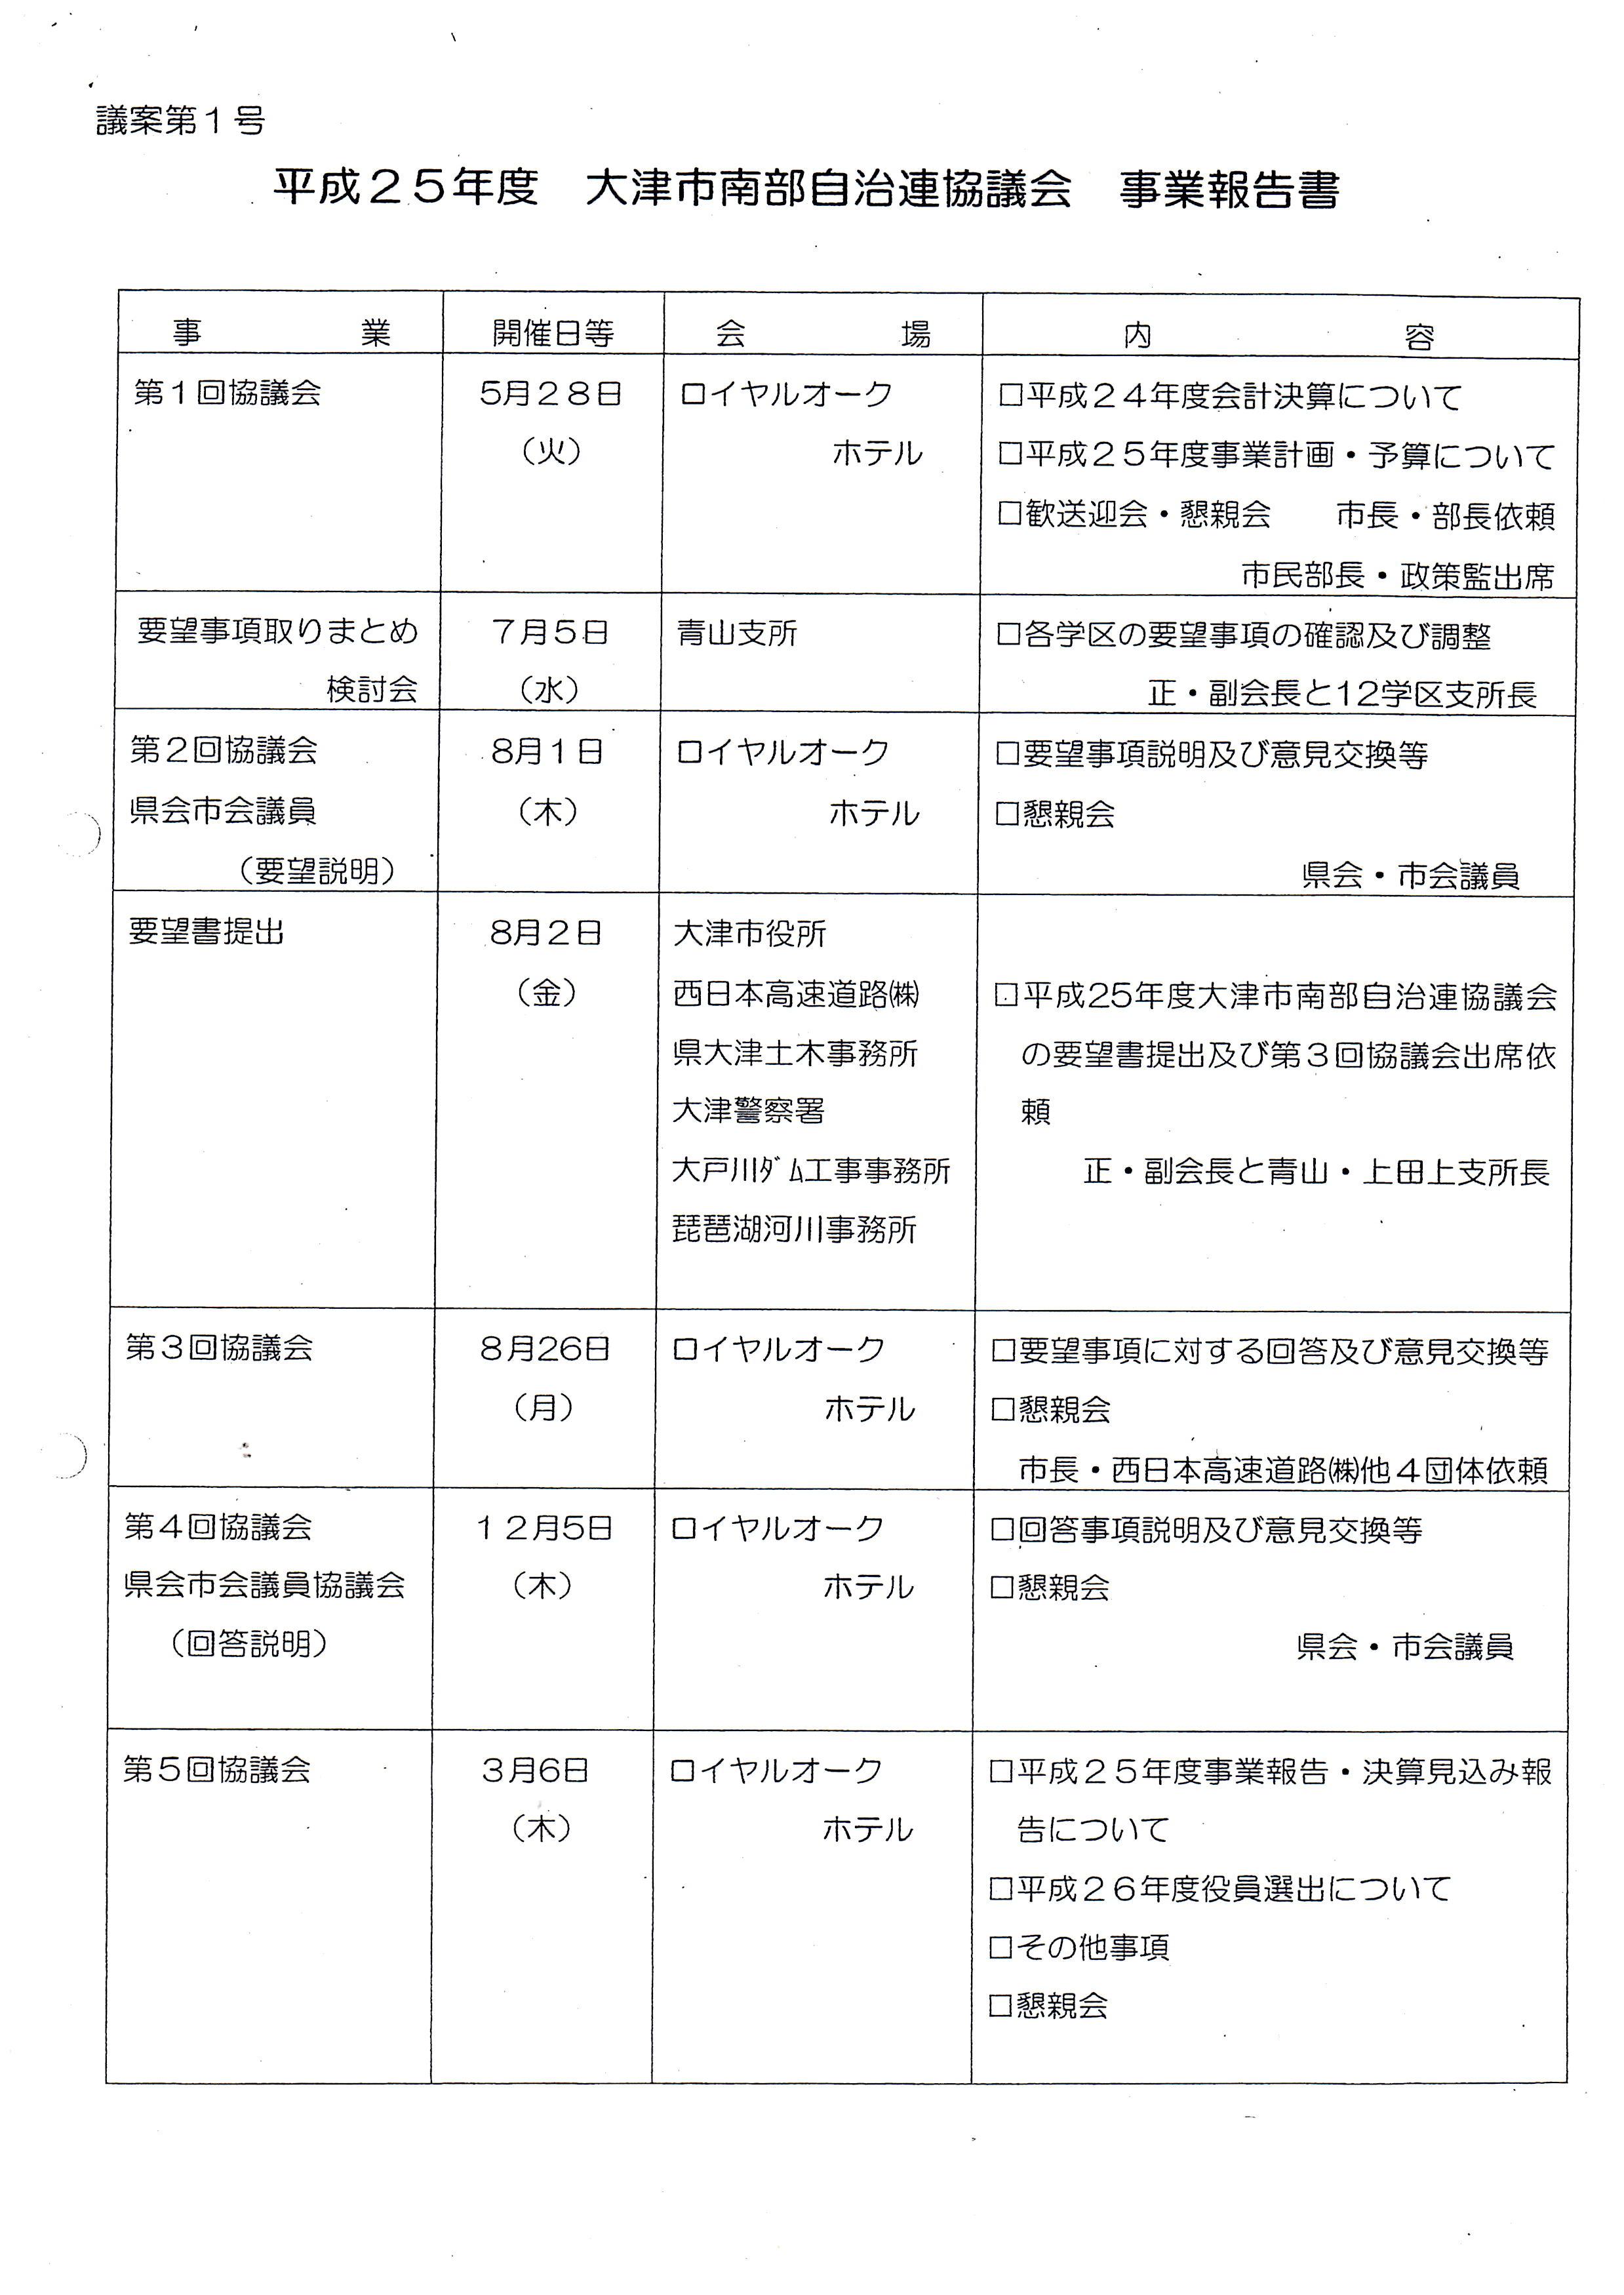 南部自治連/平成25年事業報告書